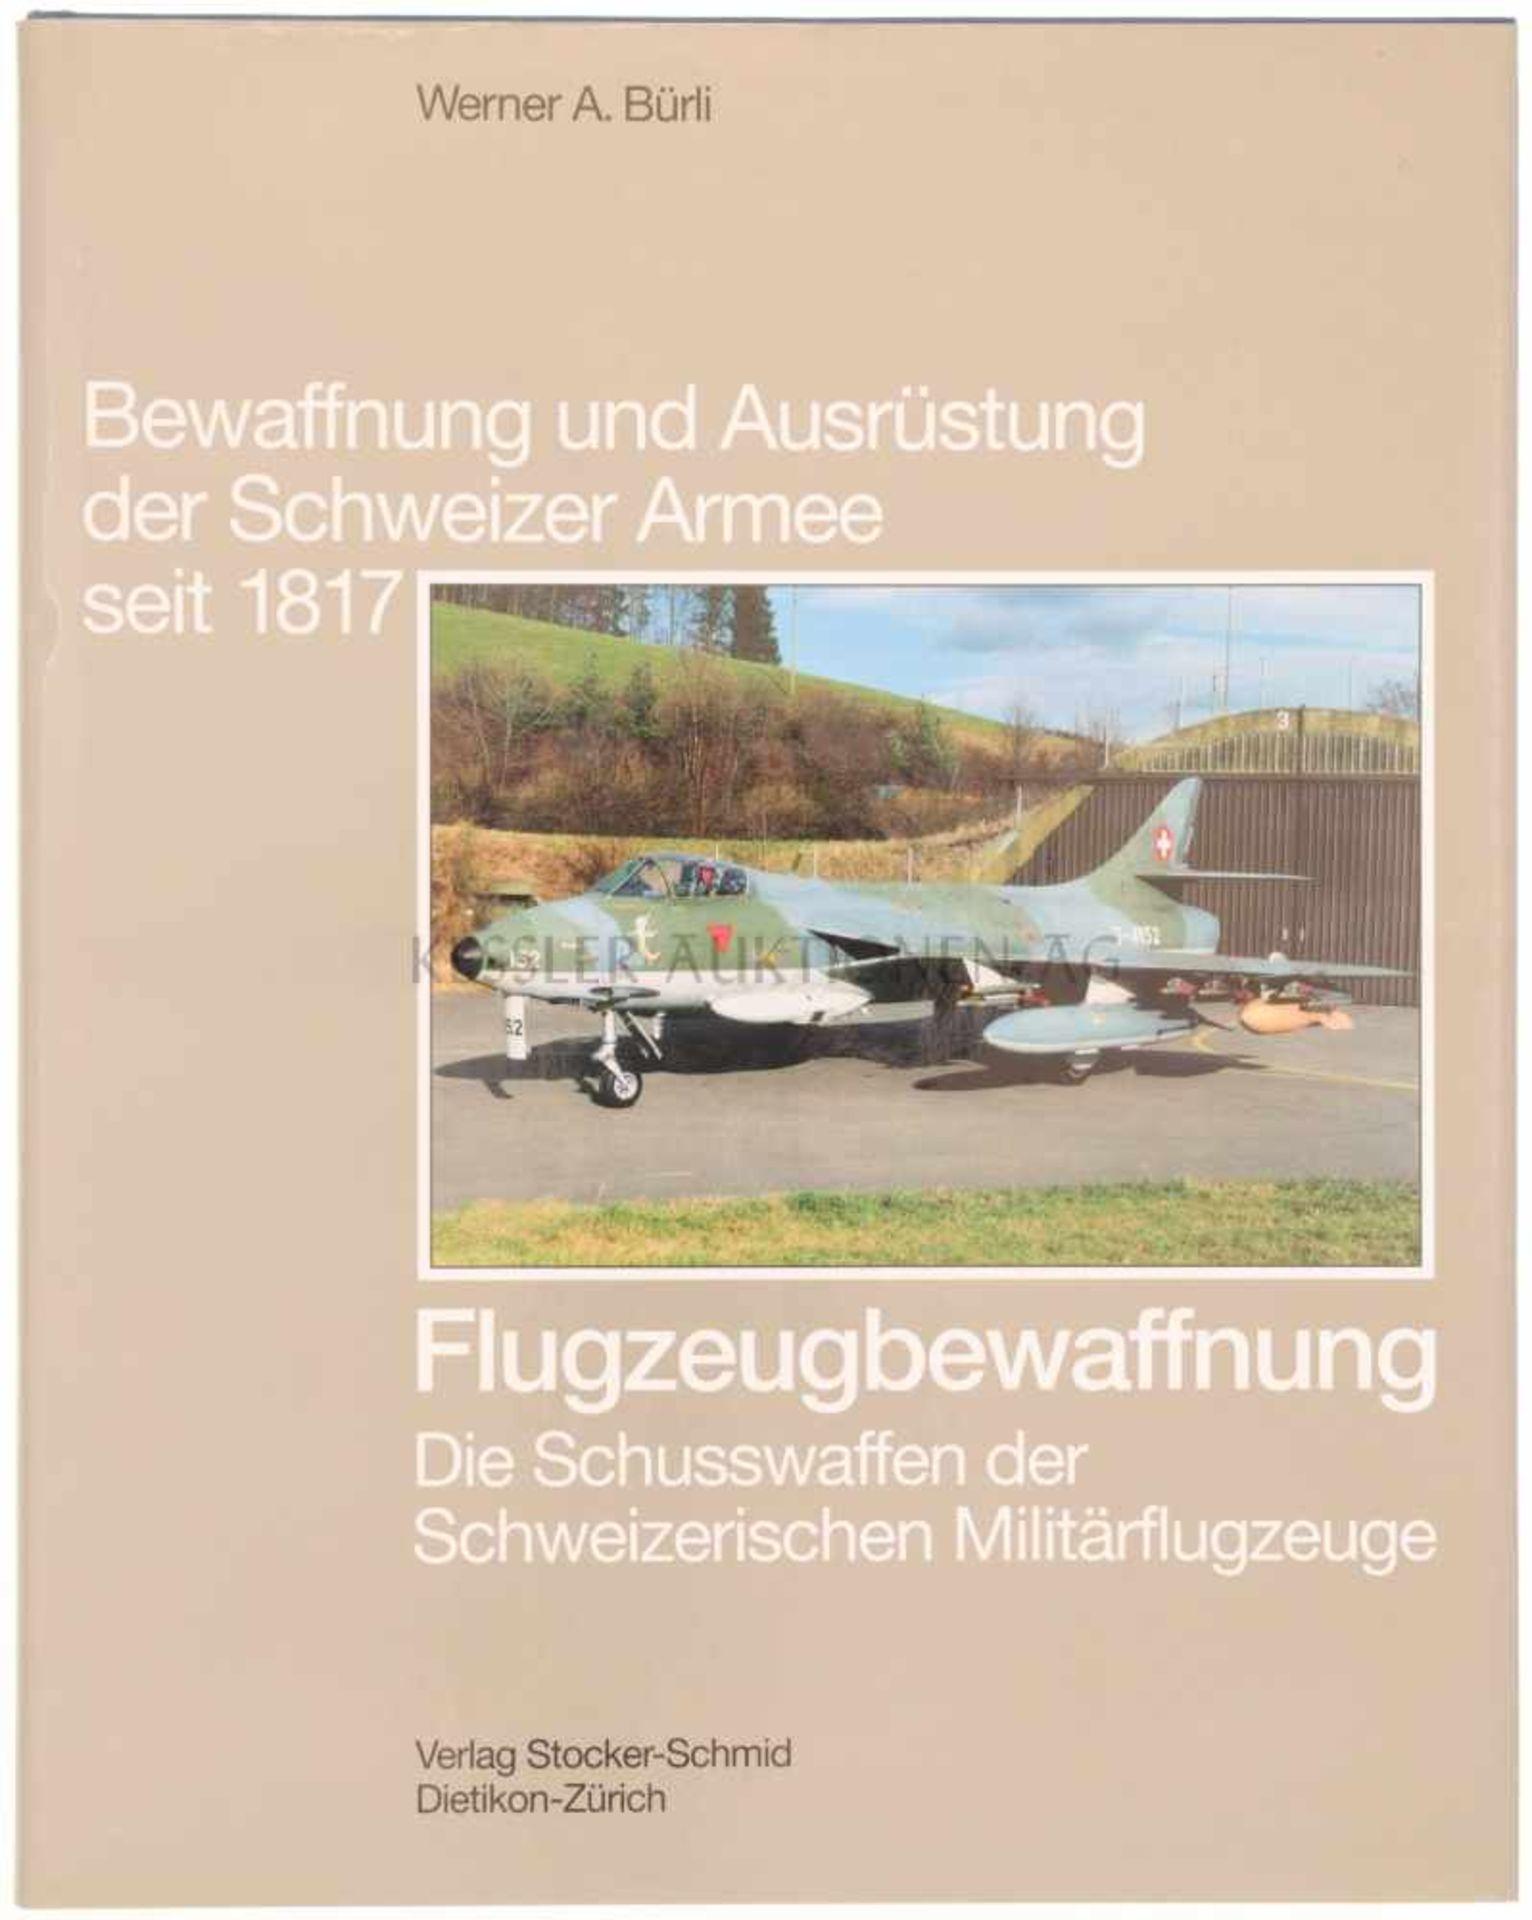 Los 34 - Buch, Bewaffnung und Ausrüstung der Schweizer Armee seit 1817 Band 1, Flugzeugbewaffnung, Die